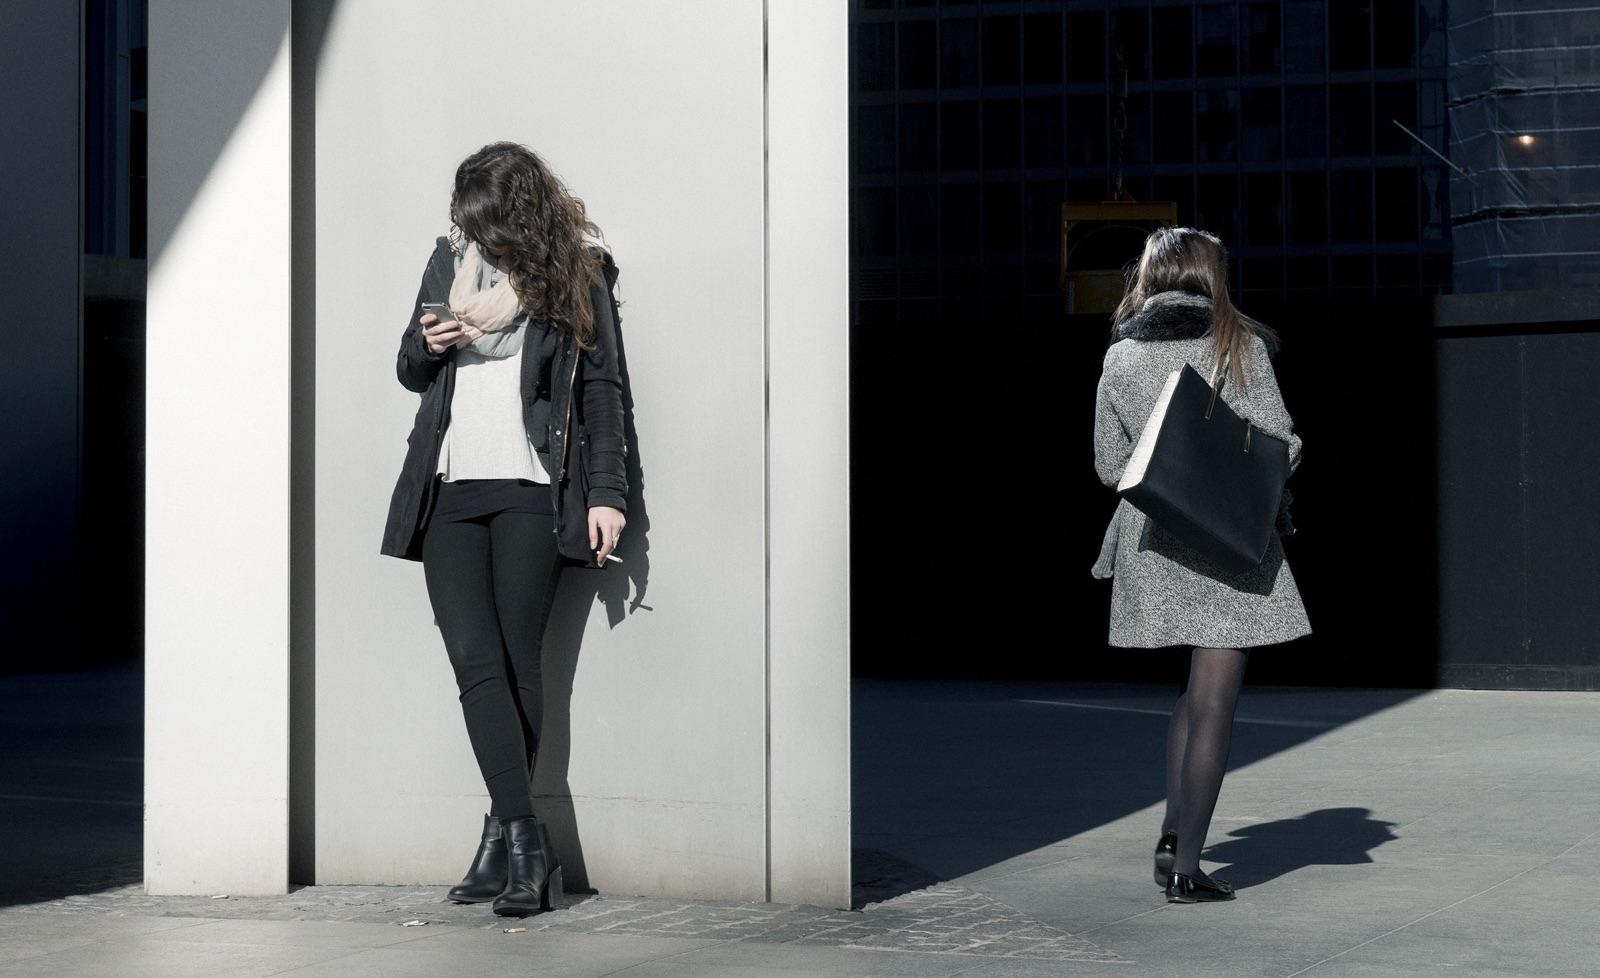 foto van straat met een meisje met sigaret en telefoon tegen gebouw leunend en ander meisje loopt met handtas gebouw in